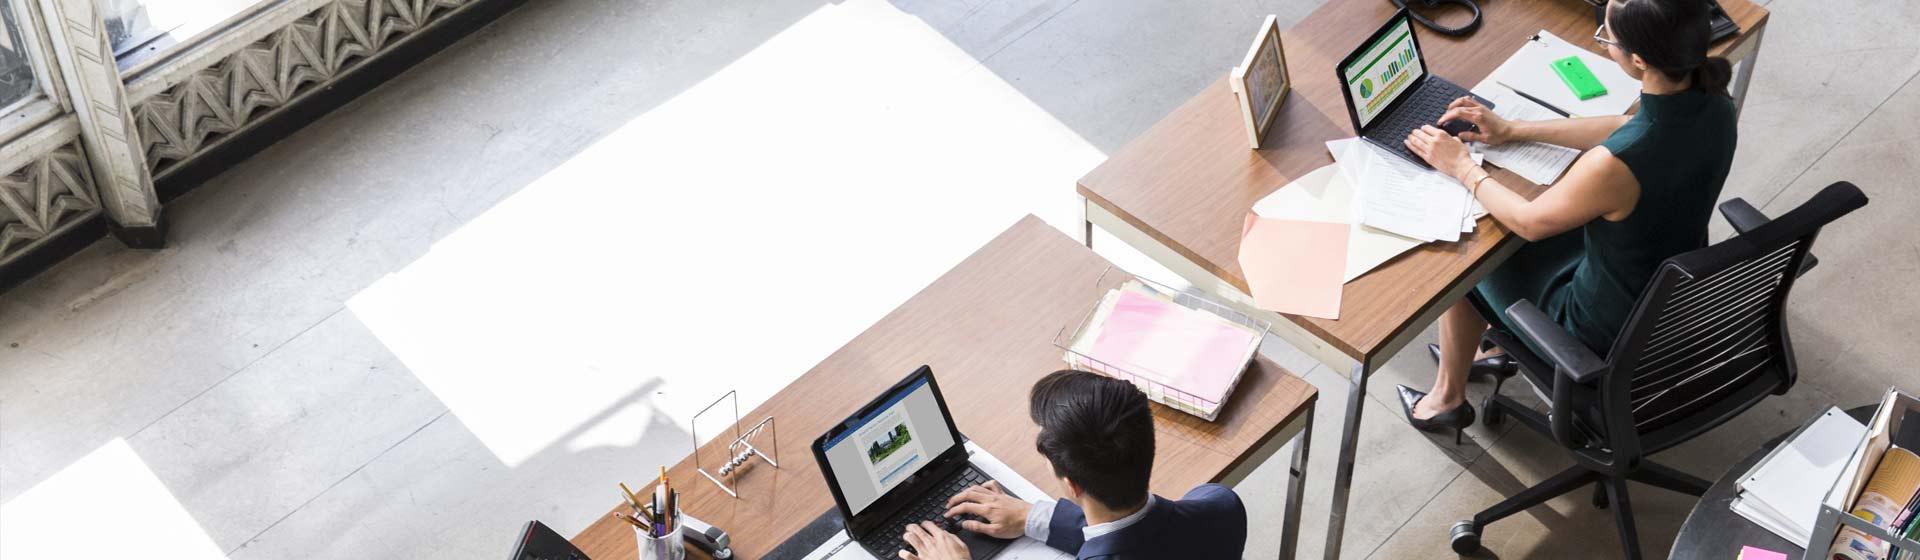 今すぐ Office 2013 から Office 365 にアップグレードしてさらに生産性を高めましょう